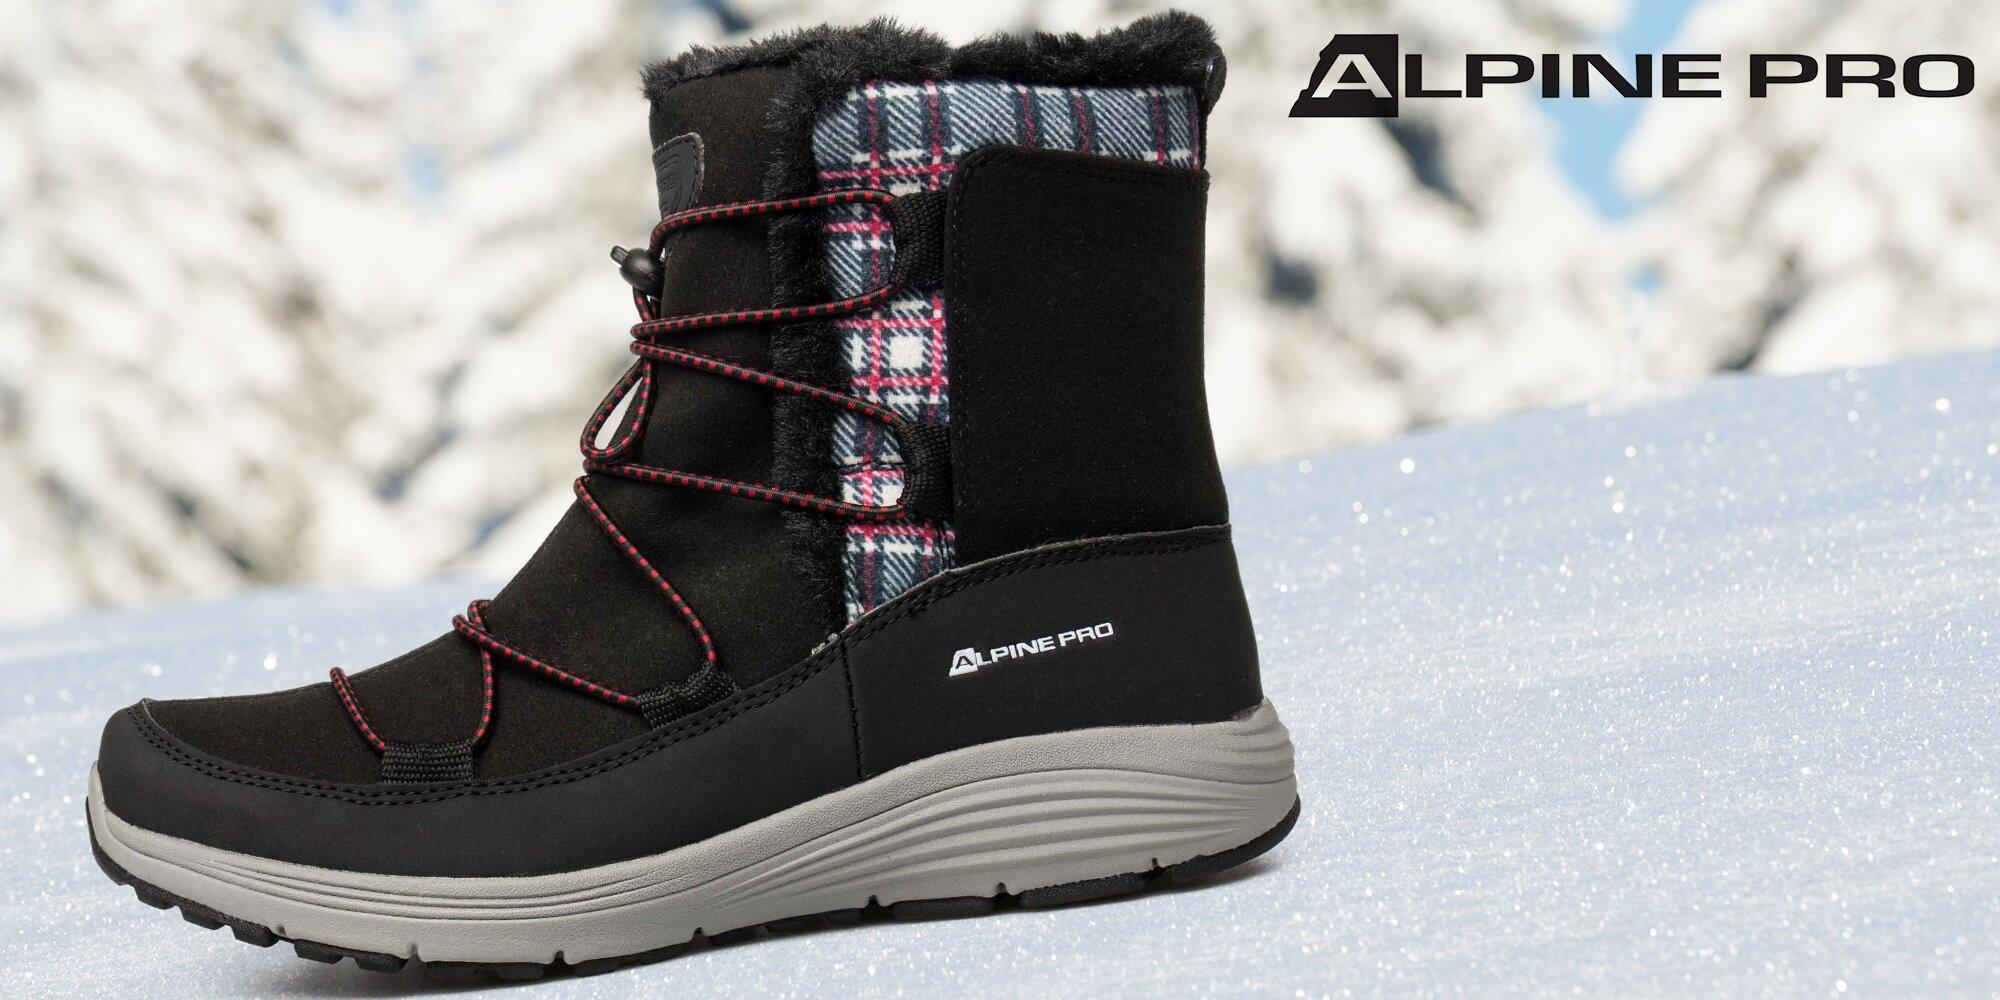 0a4ec0d5374d Dámské zimní boty Alpine Pro s kožíškem